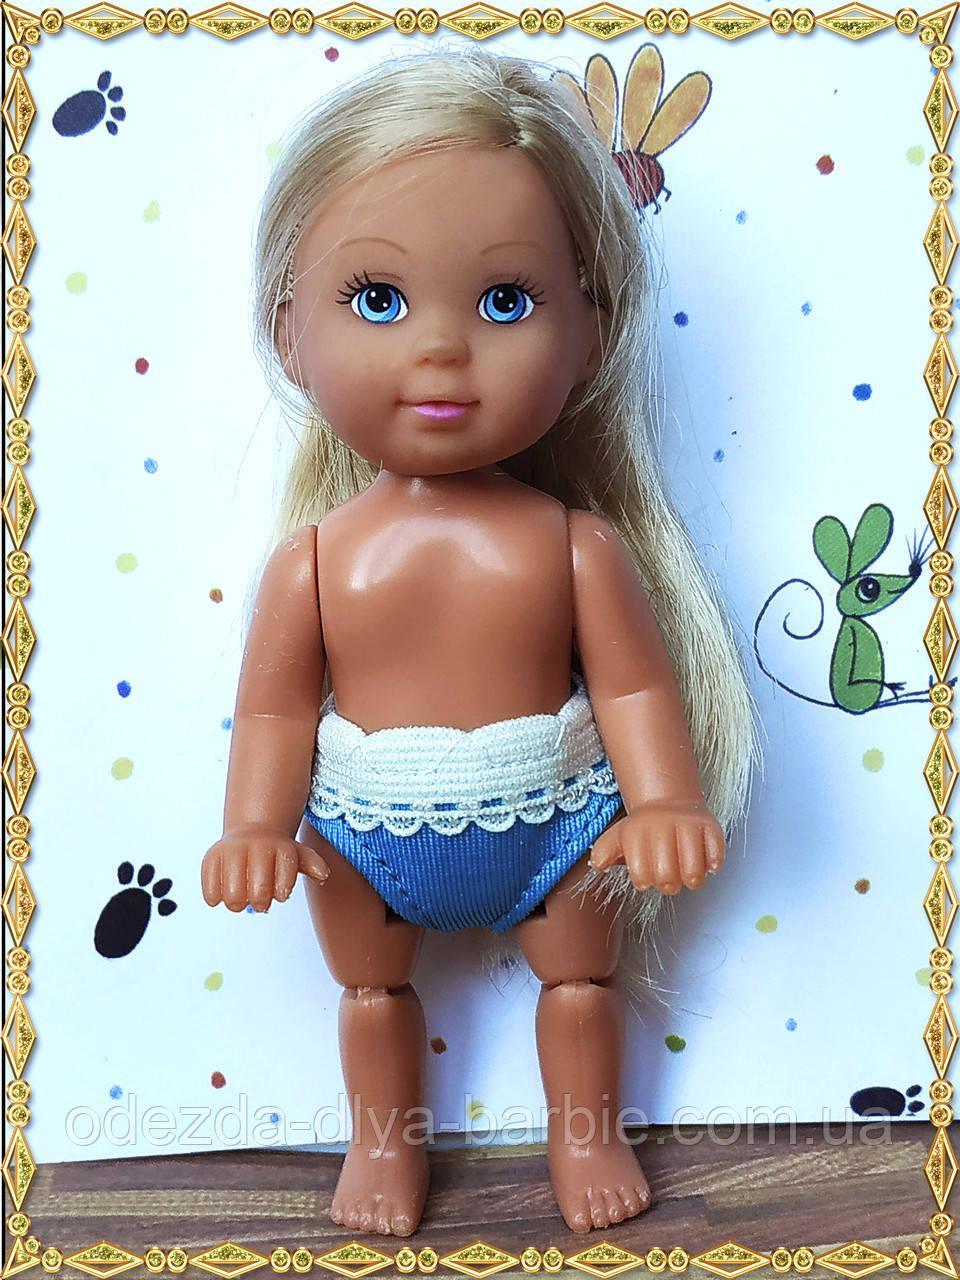 Одежда кукол Симба Еви - трусики